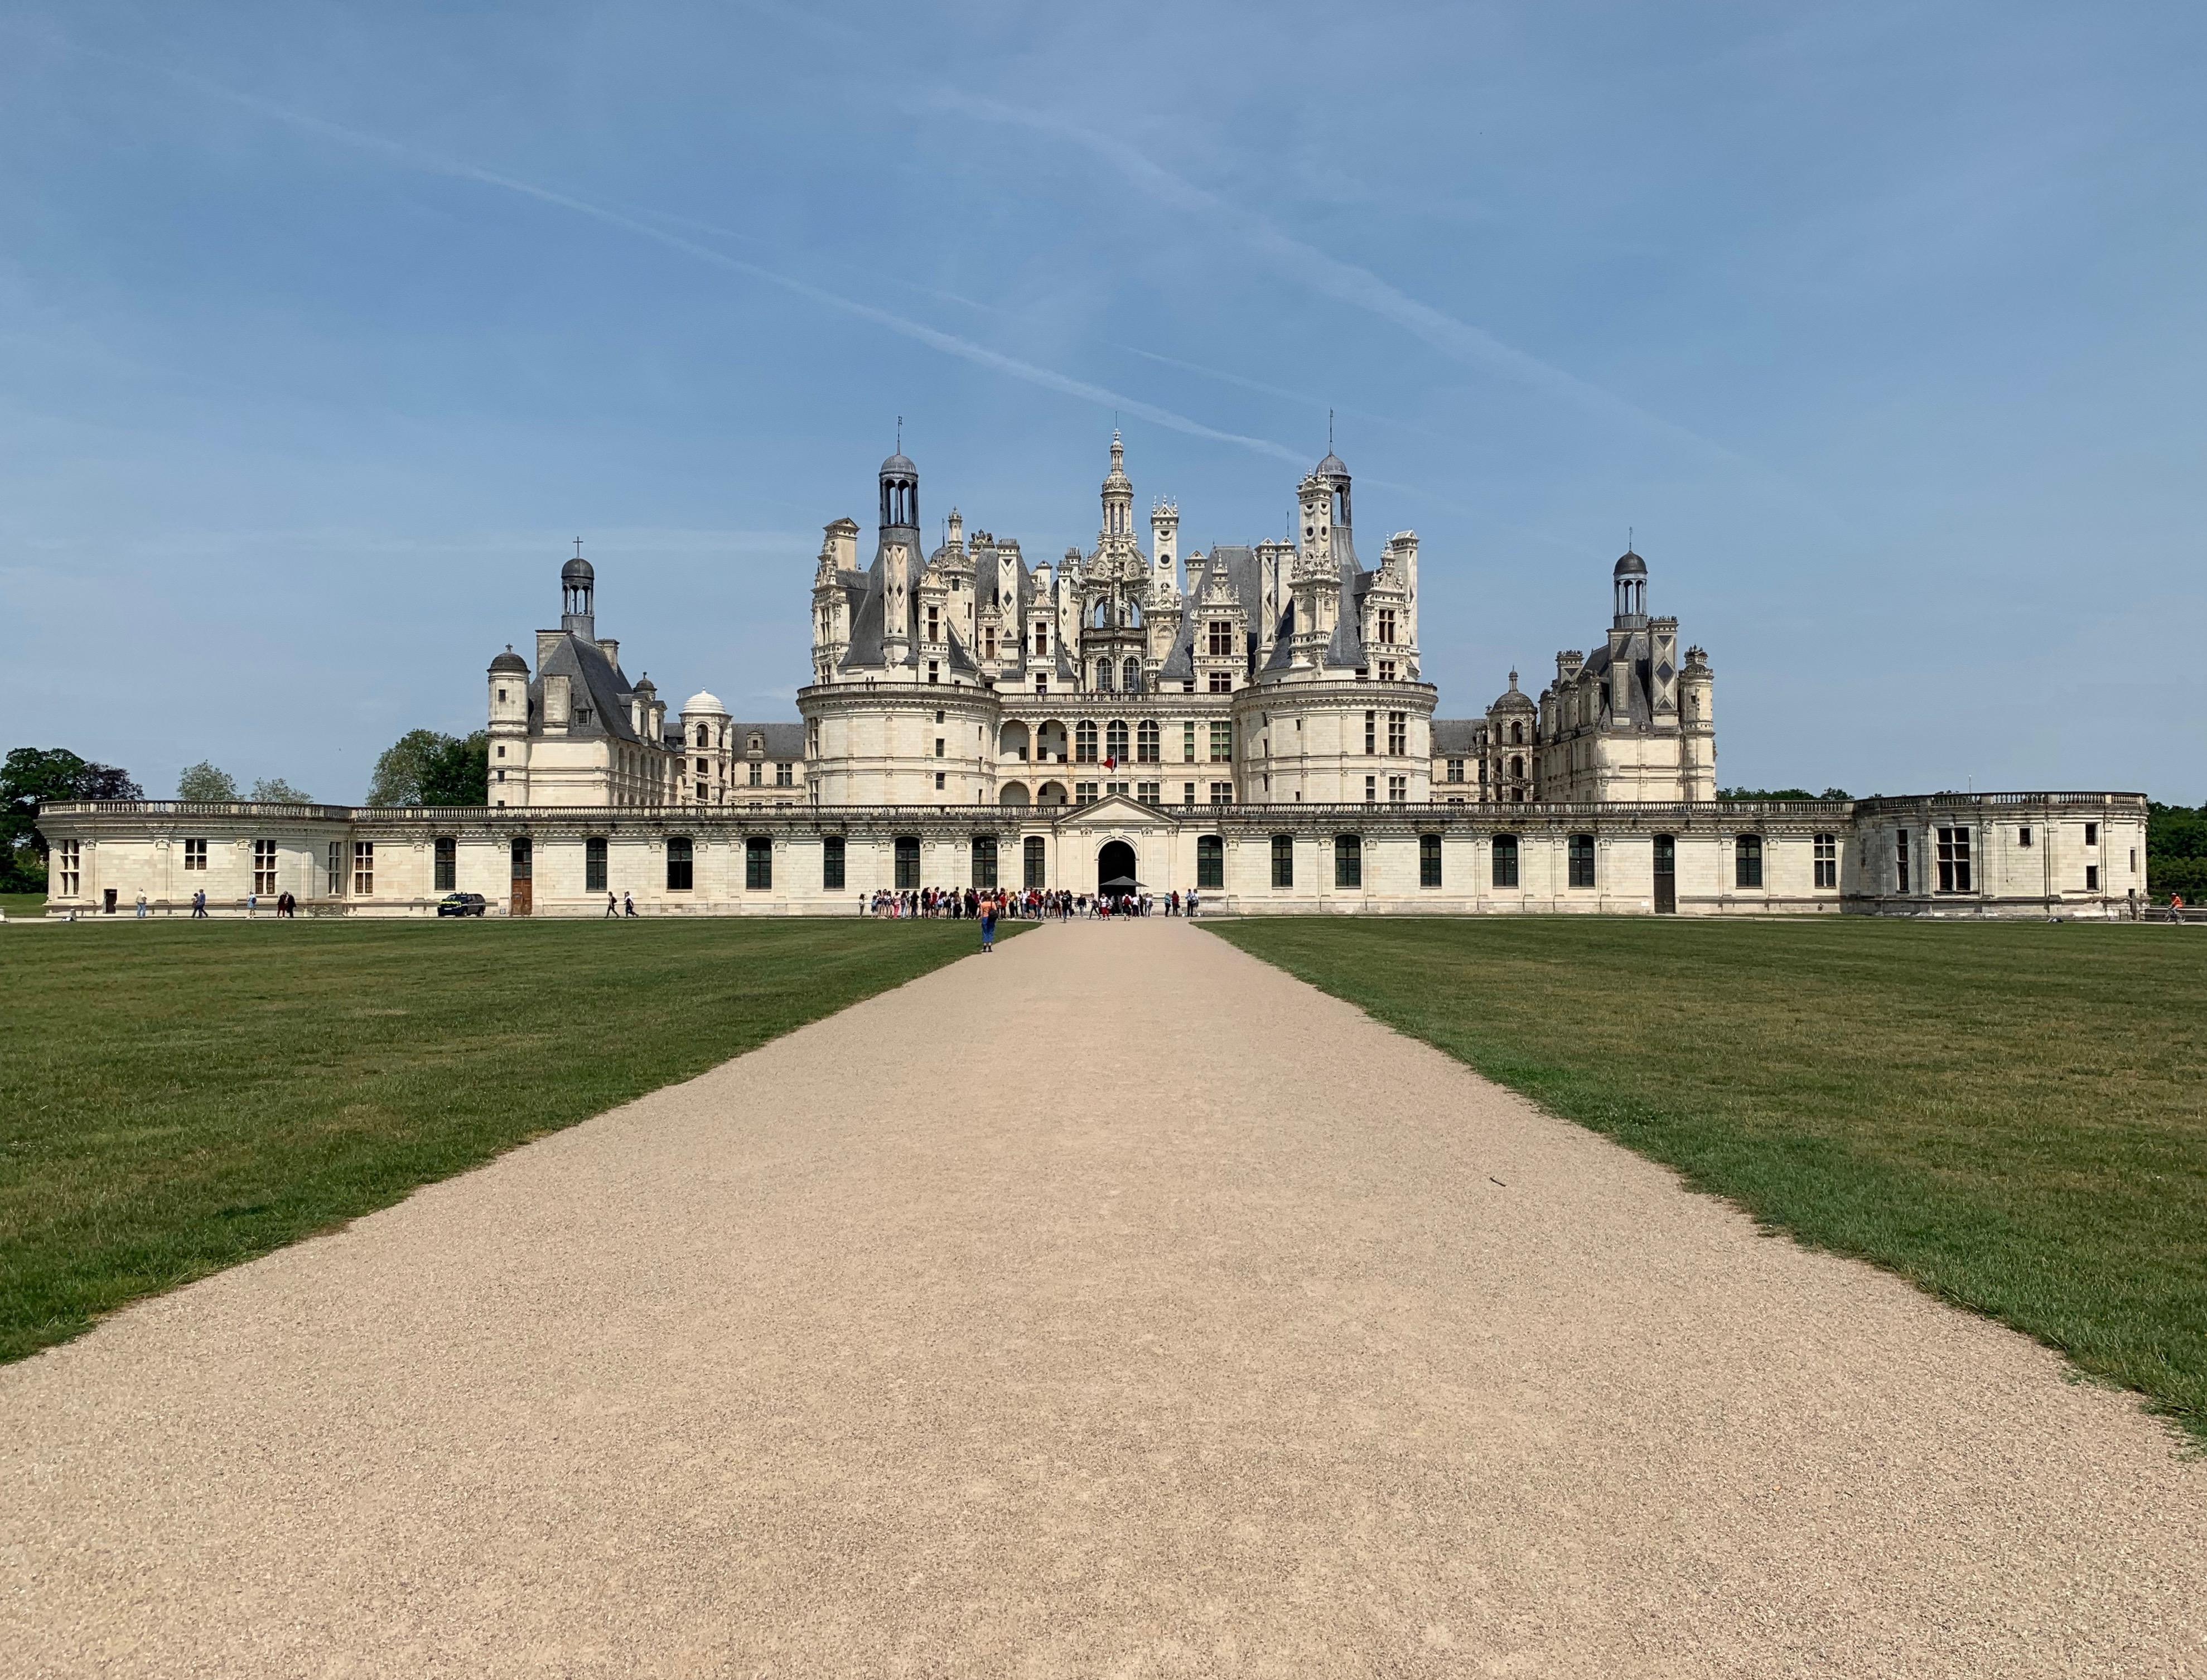 Chambord, das weltweit einmalige Schloss Frontalansicht